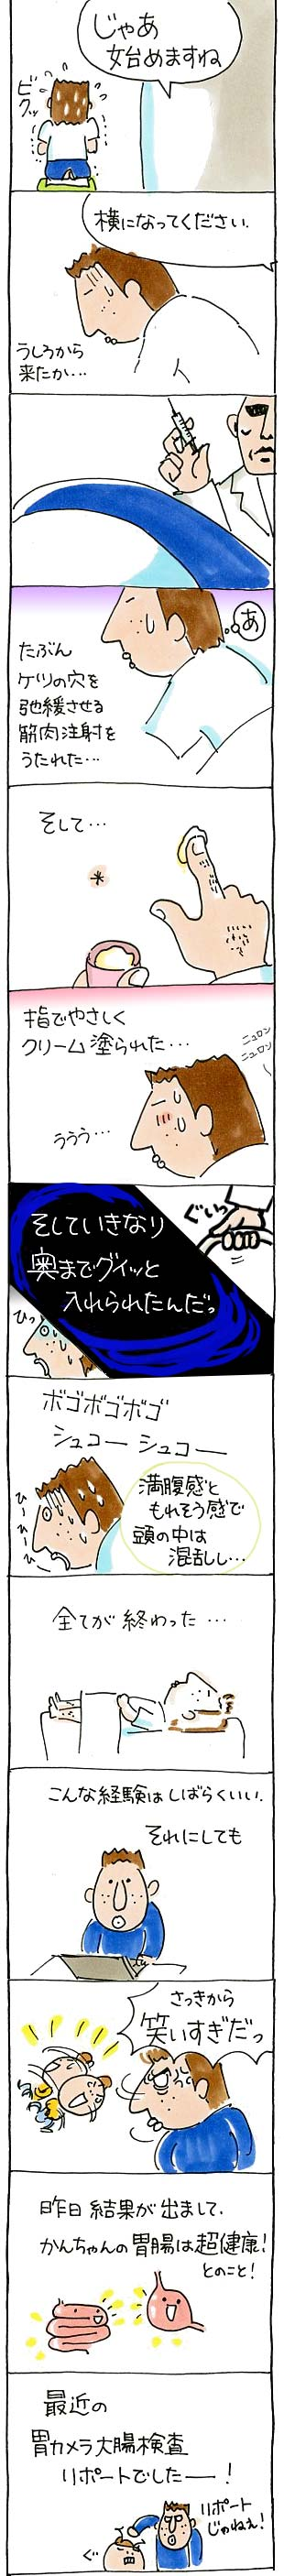 かんちゃんレポート01